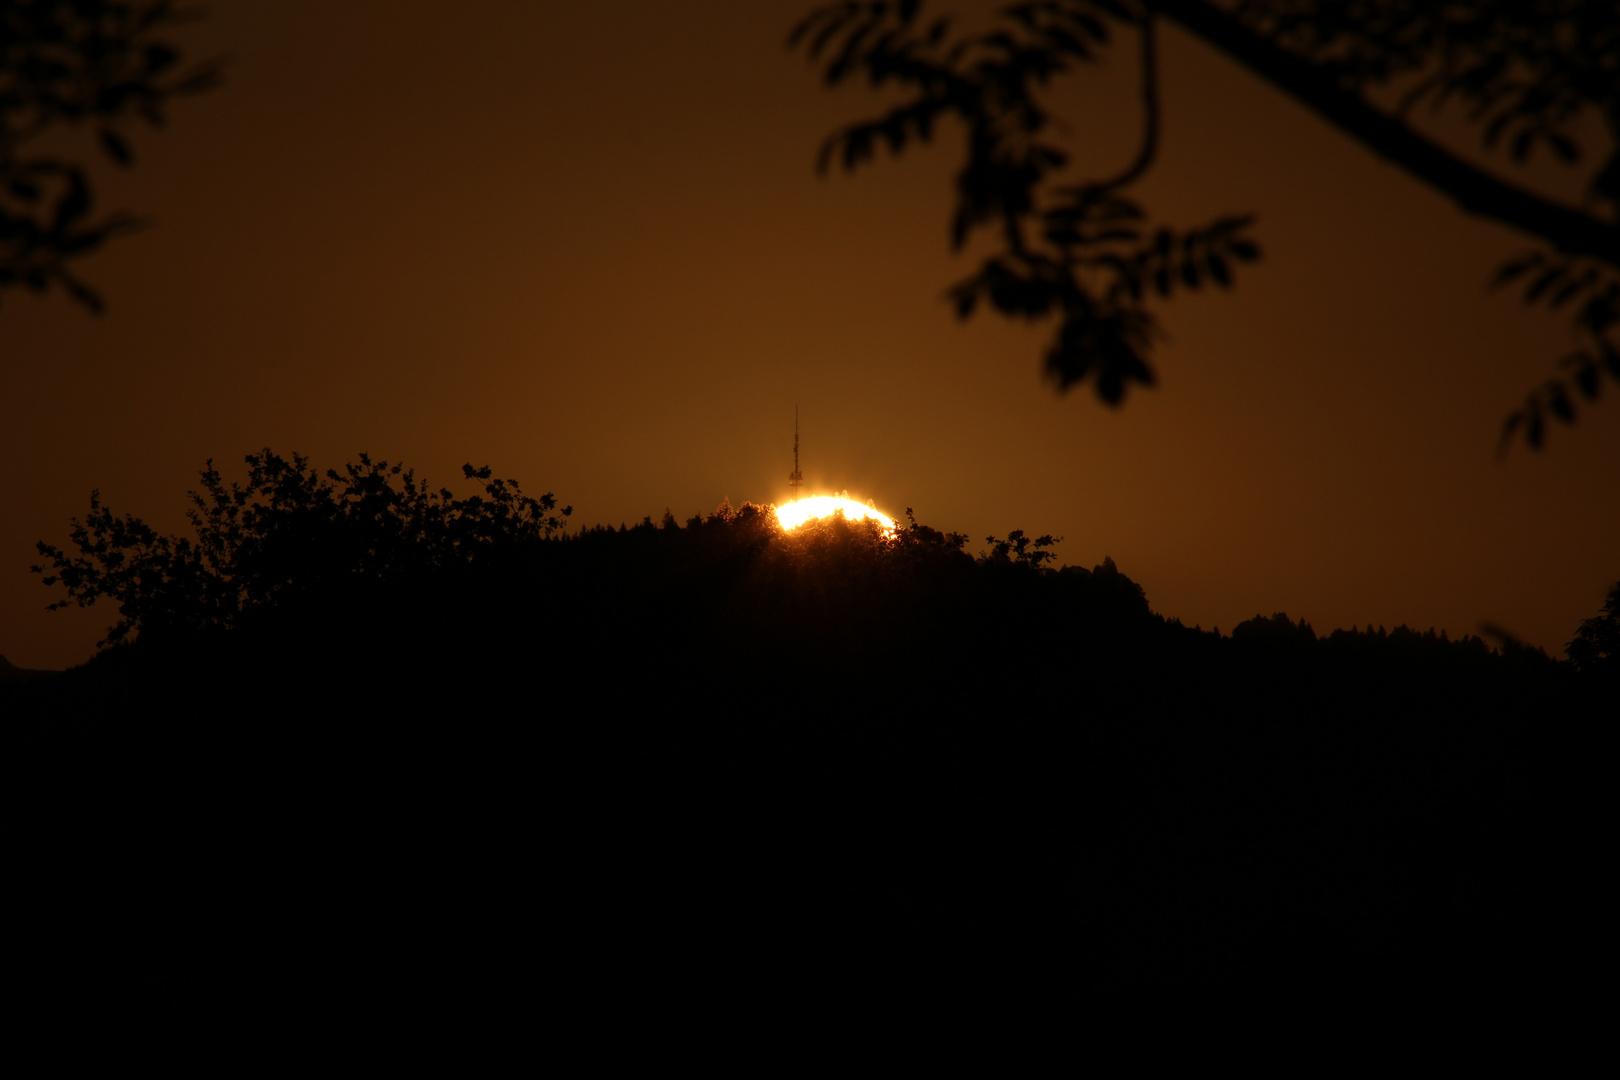 Sonnenaufgang im September